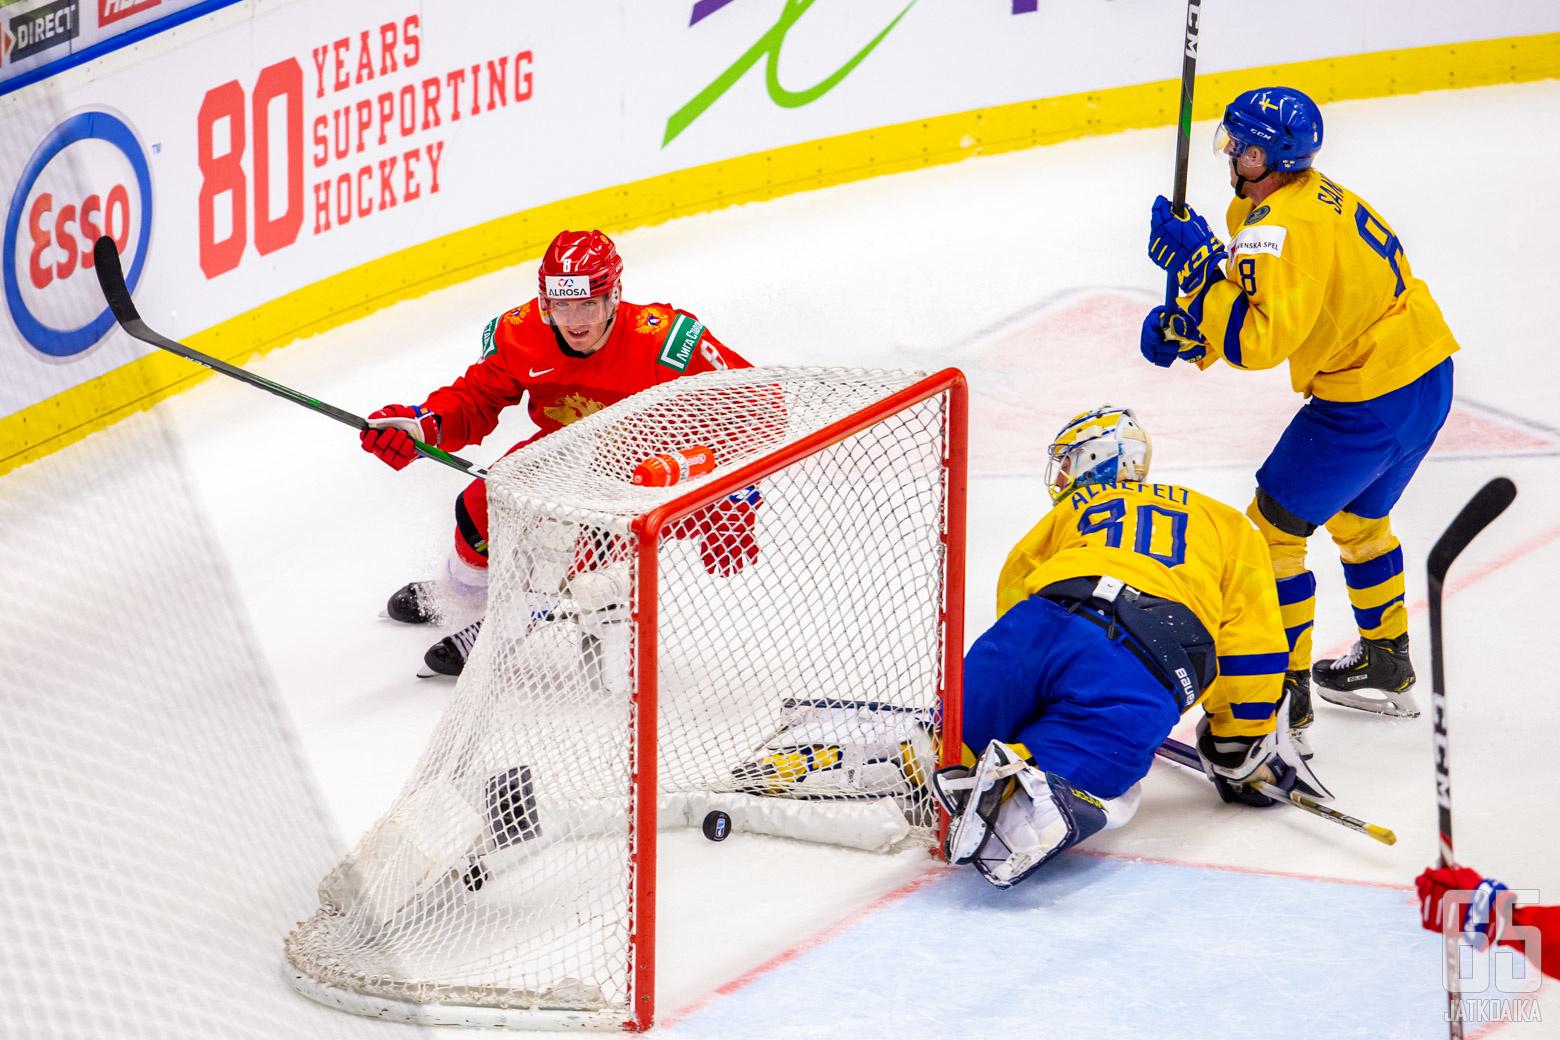 Ruotsi - Venäjä, välierä, Nuorten MM-kisat 4.1.2020, Ostravar Aréna, Ostrava. (Kuva: Jari Mäki-Kuutti)